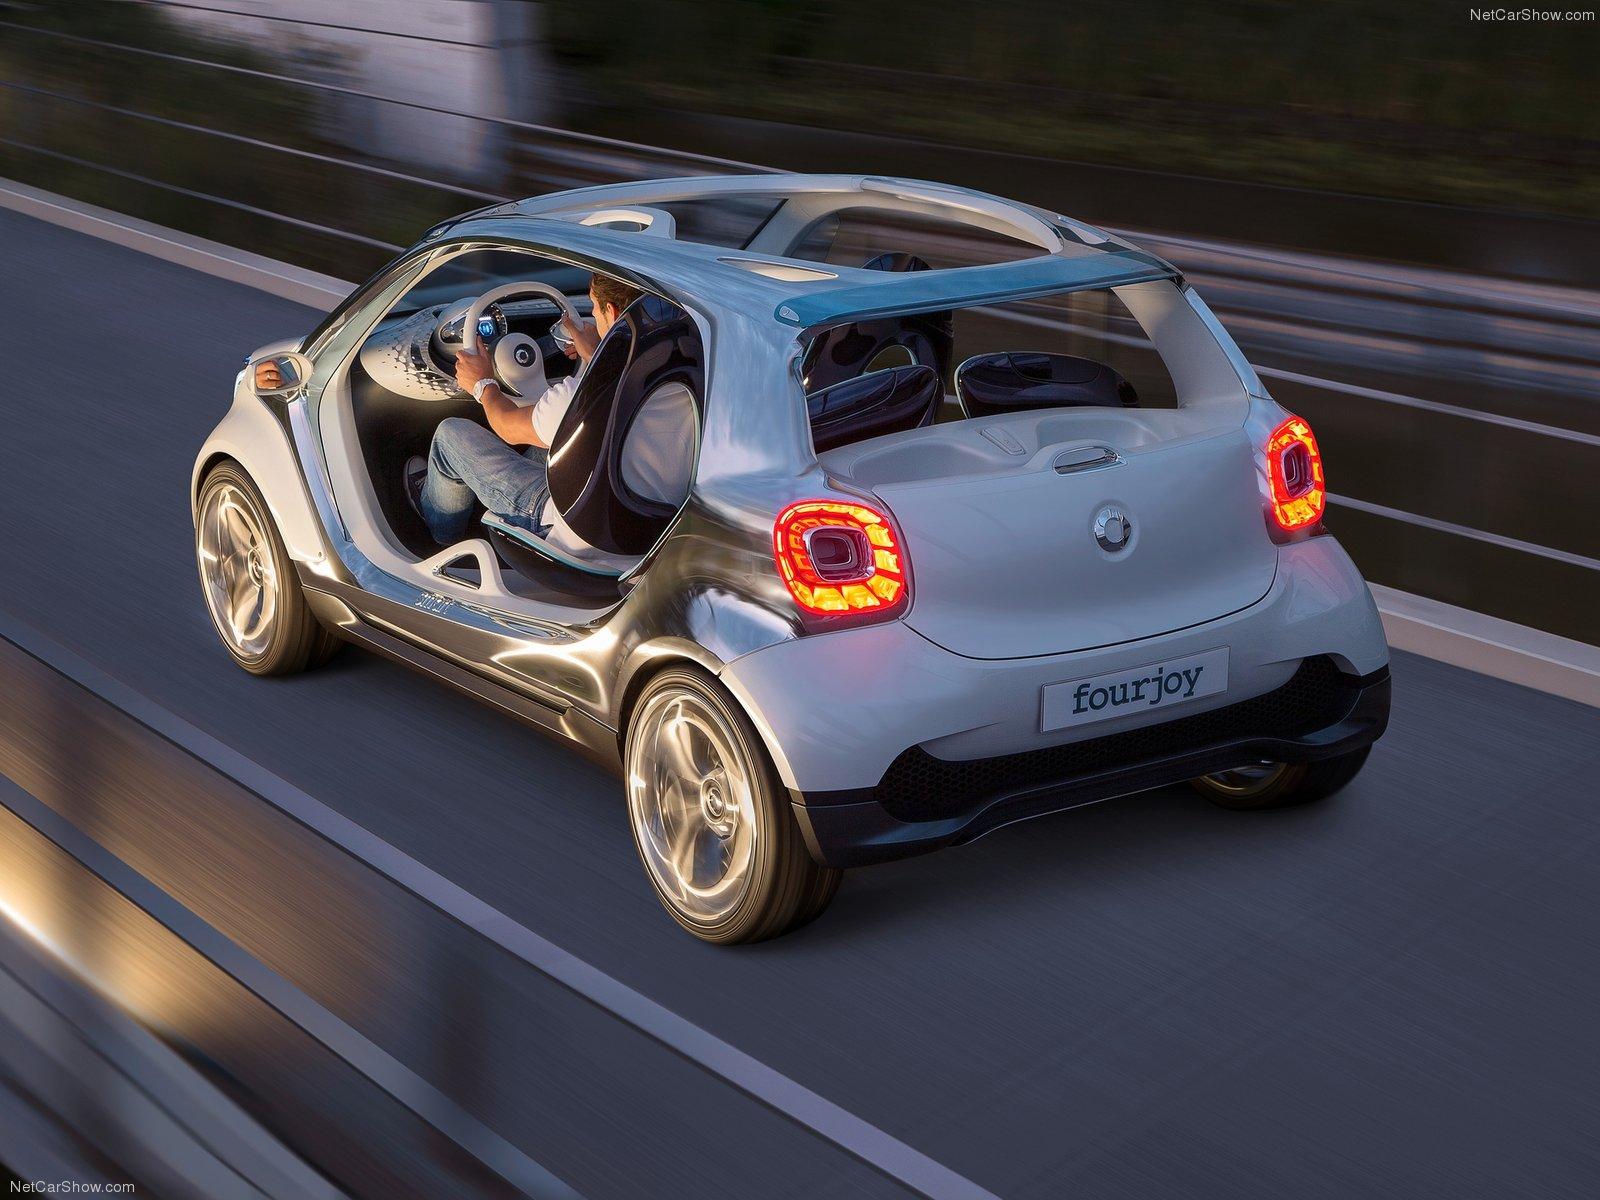 Hình ảnh xe ô tô Smart FourJoy Concept 2013 & nội ngoại thất